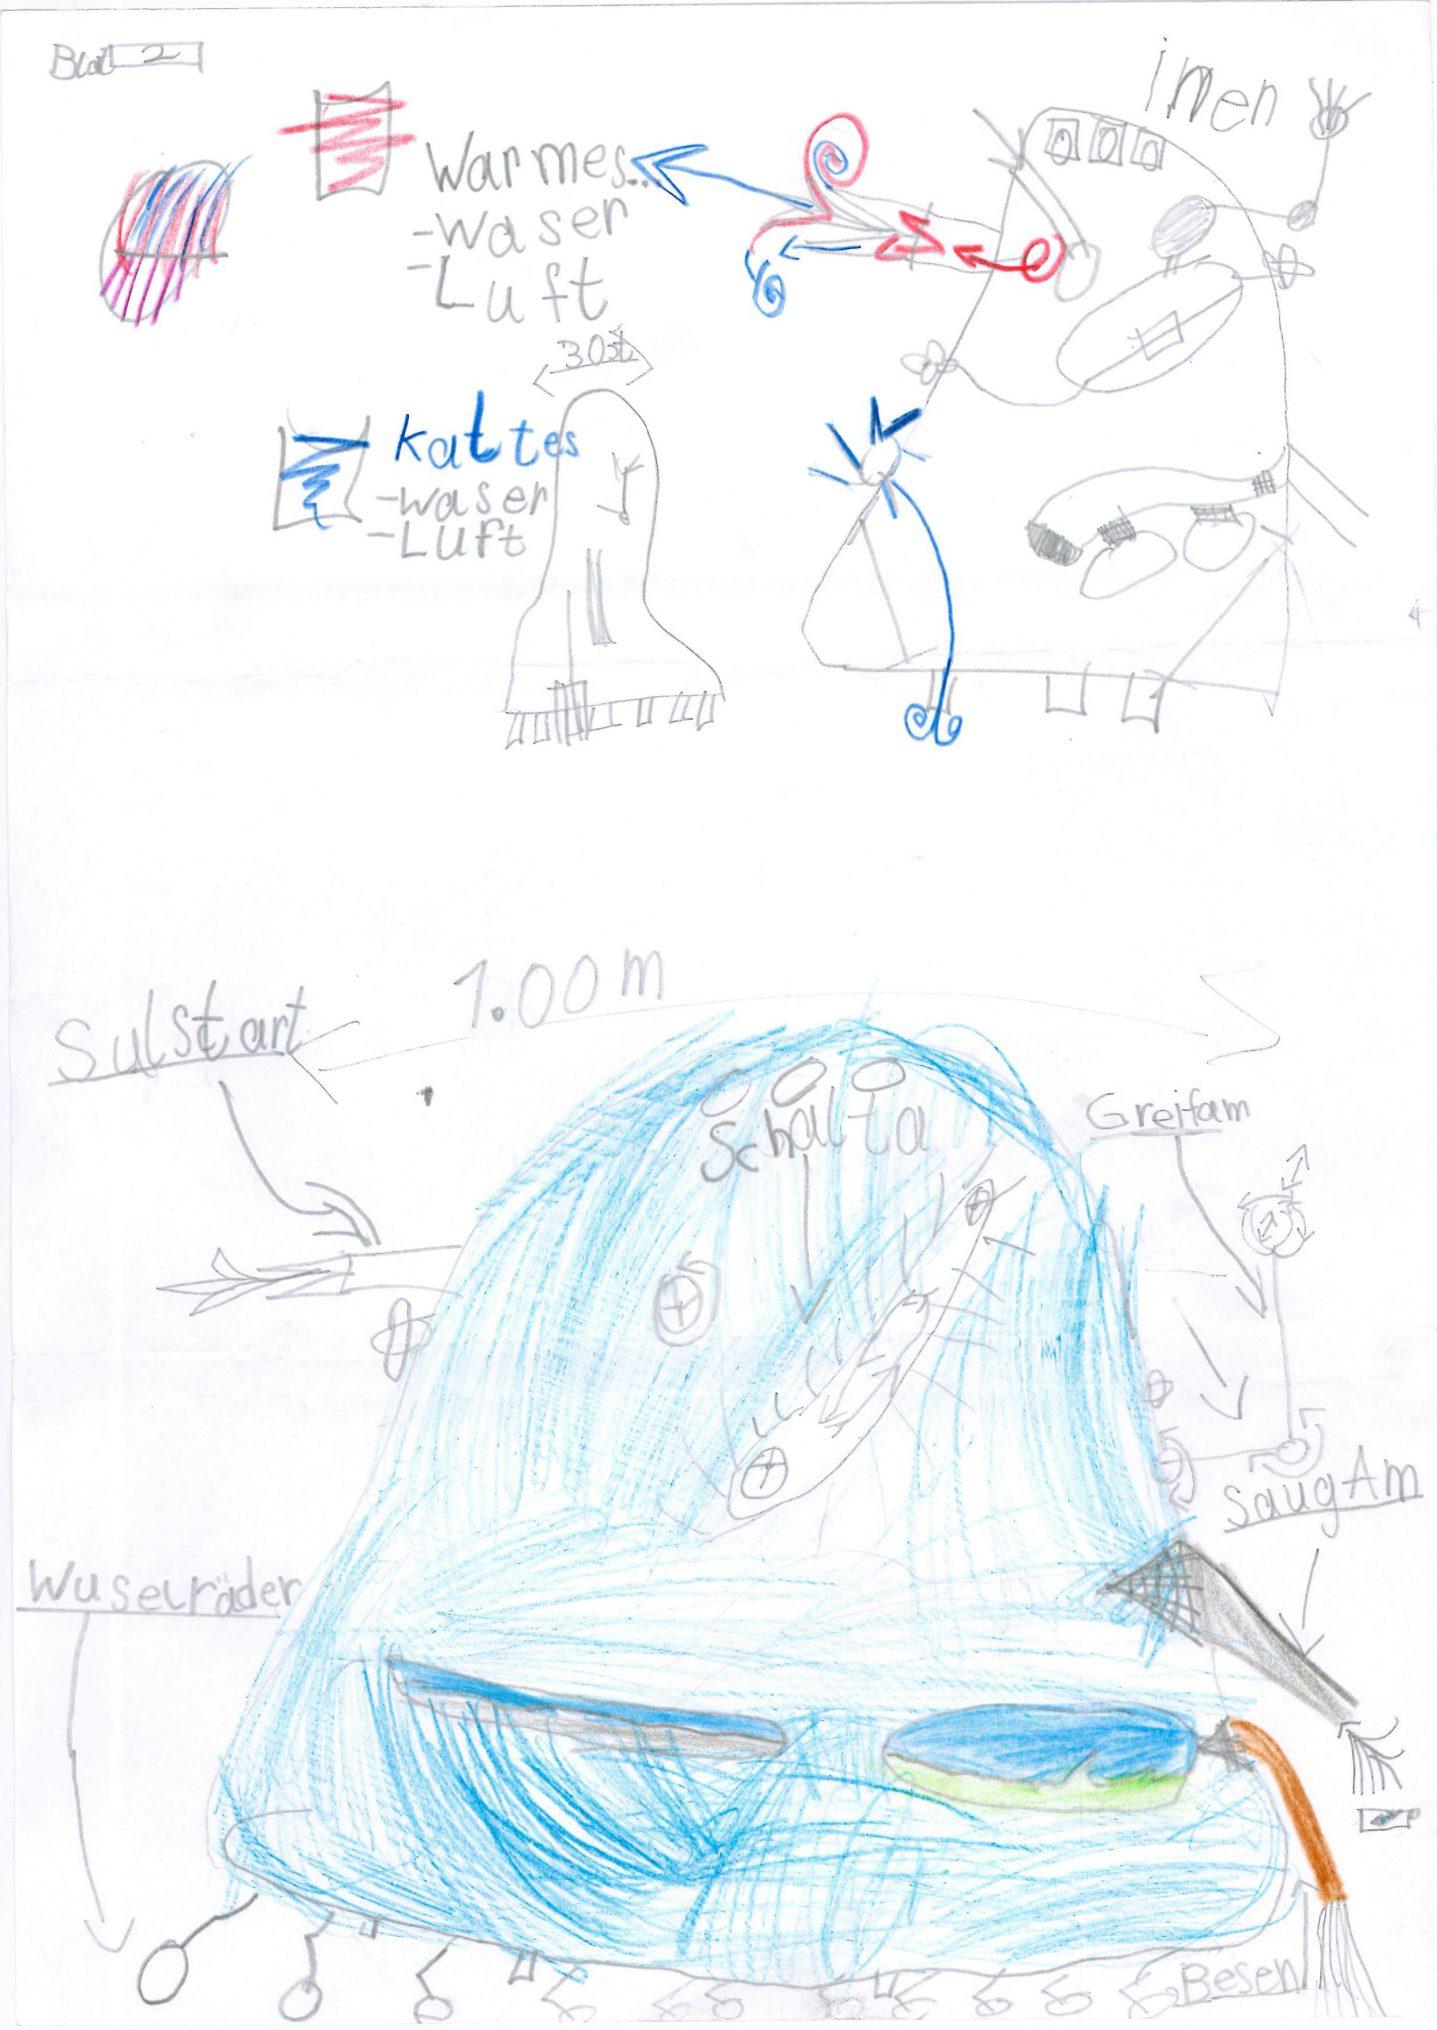 Die Konstruktionszeichnung der ersten Wusel-Aufräummaschine der Welt. Copryright: Johannes Kurtz